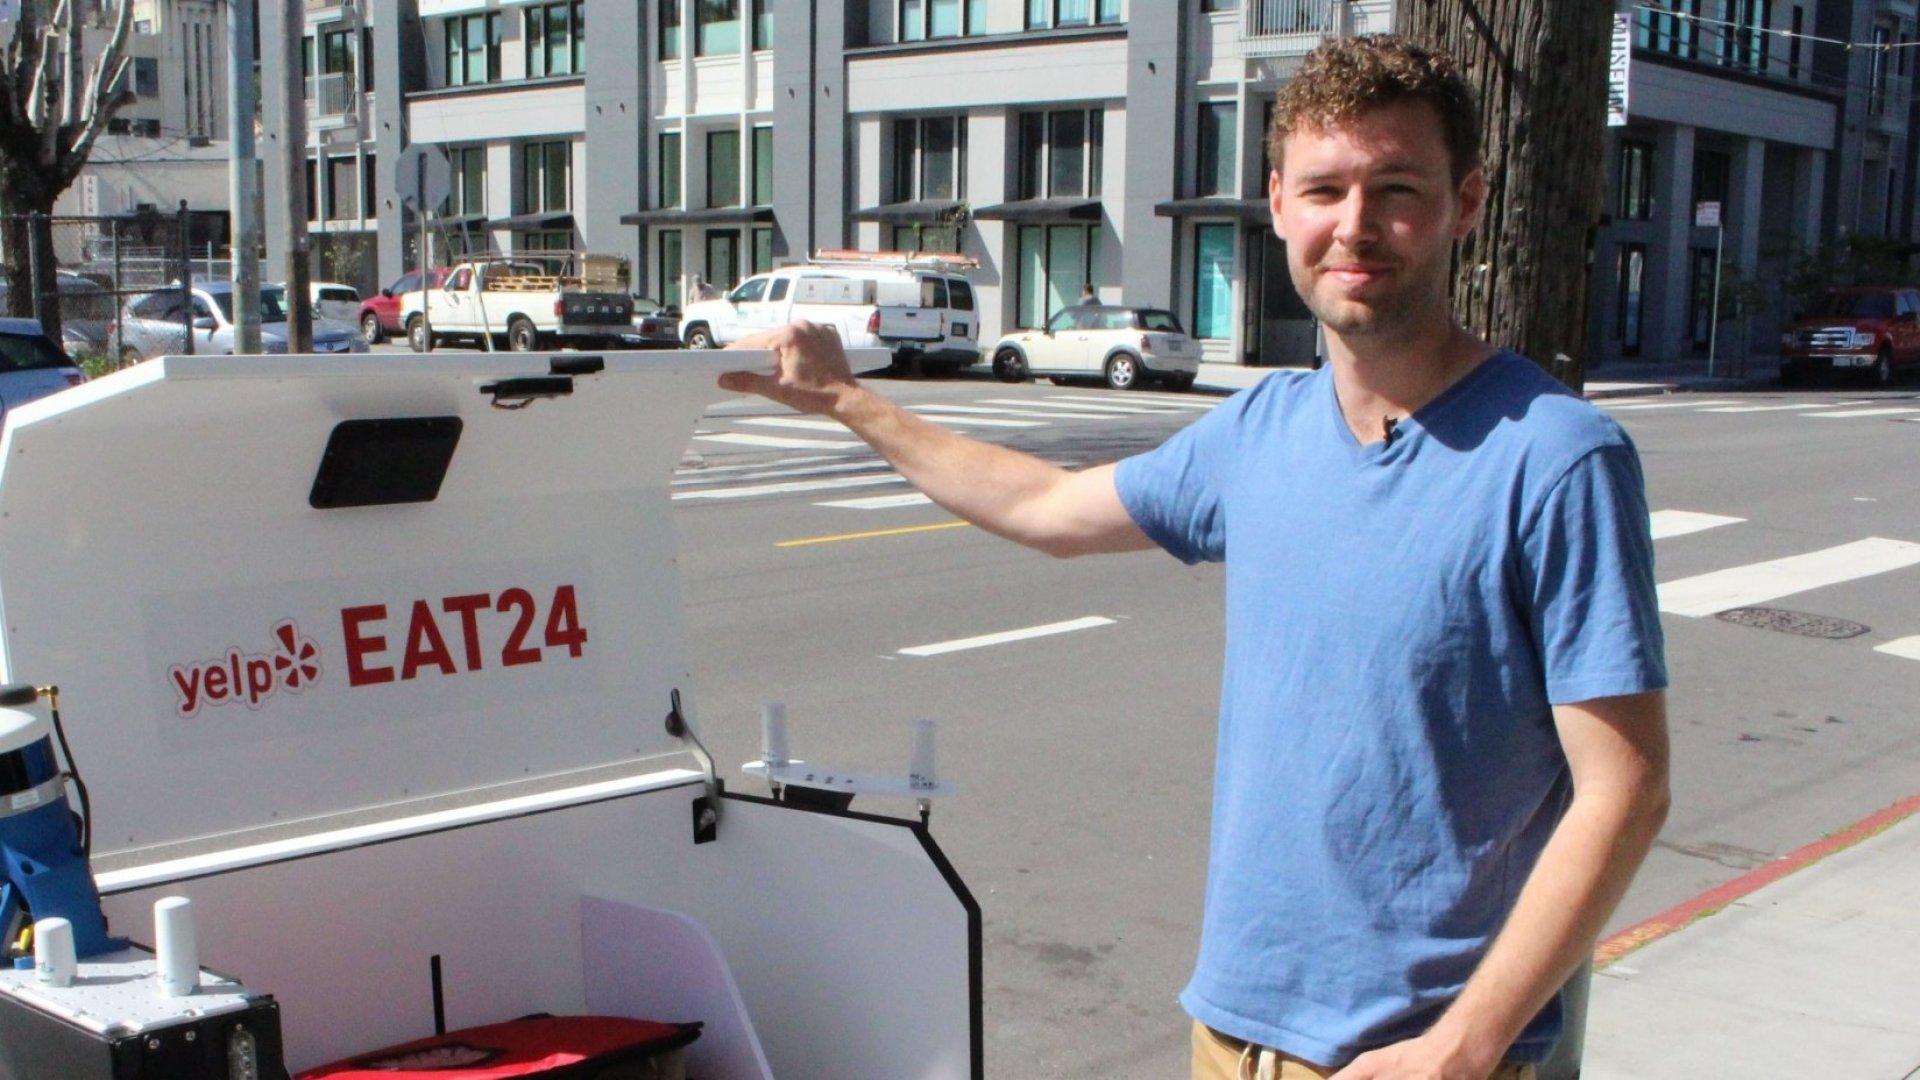 Grubhub to Buy Yelp's Eat24 for $287.5 Million